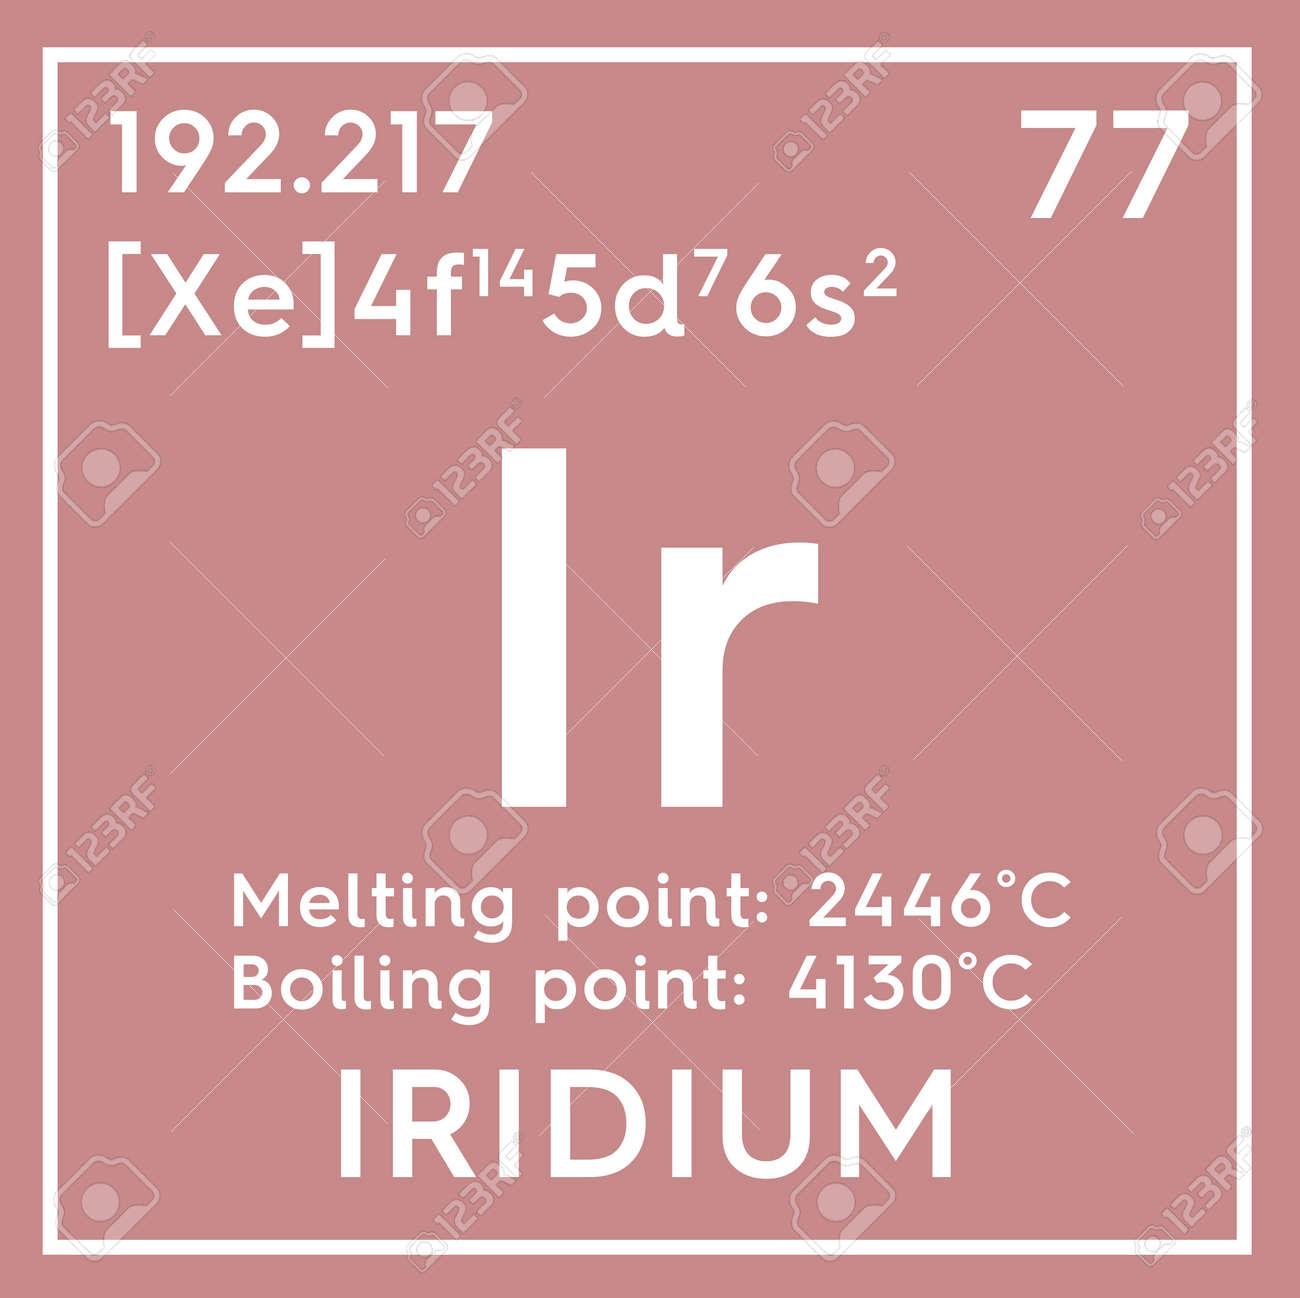 Iridio metales de transicin elemento qumico de la tabla peridica foto de archivo iridio metales de transicin elemento qumico de la tabla peridica de mendeleev iridium en cubo cuadrado concepto creativo urtaz Image collections